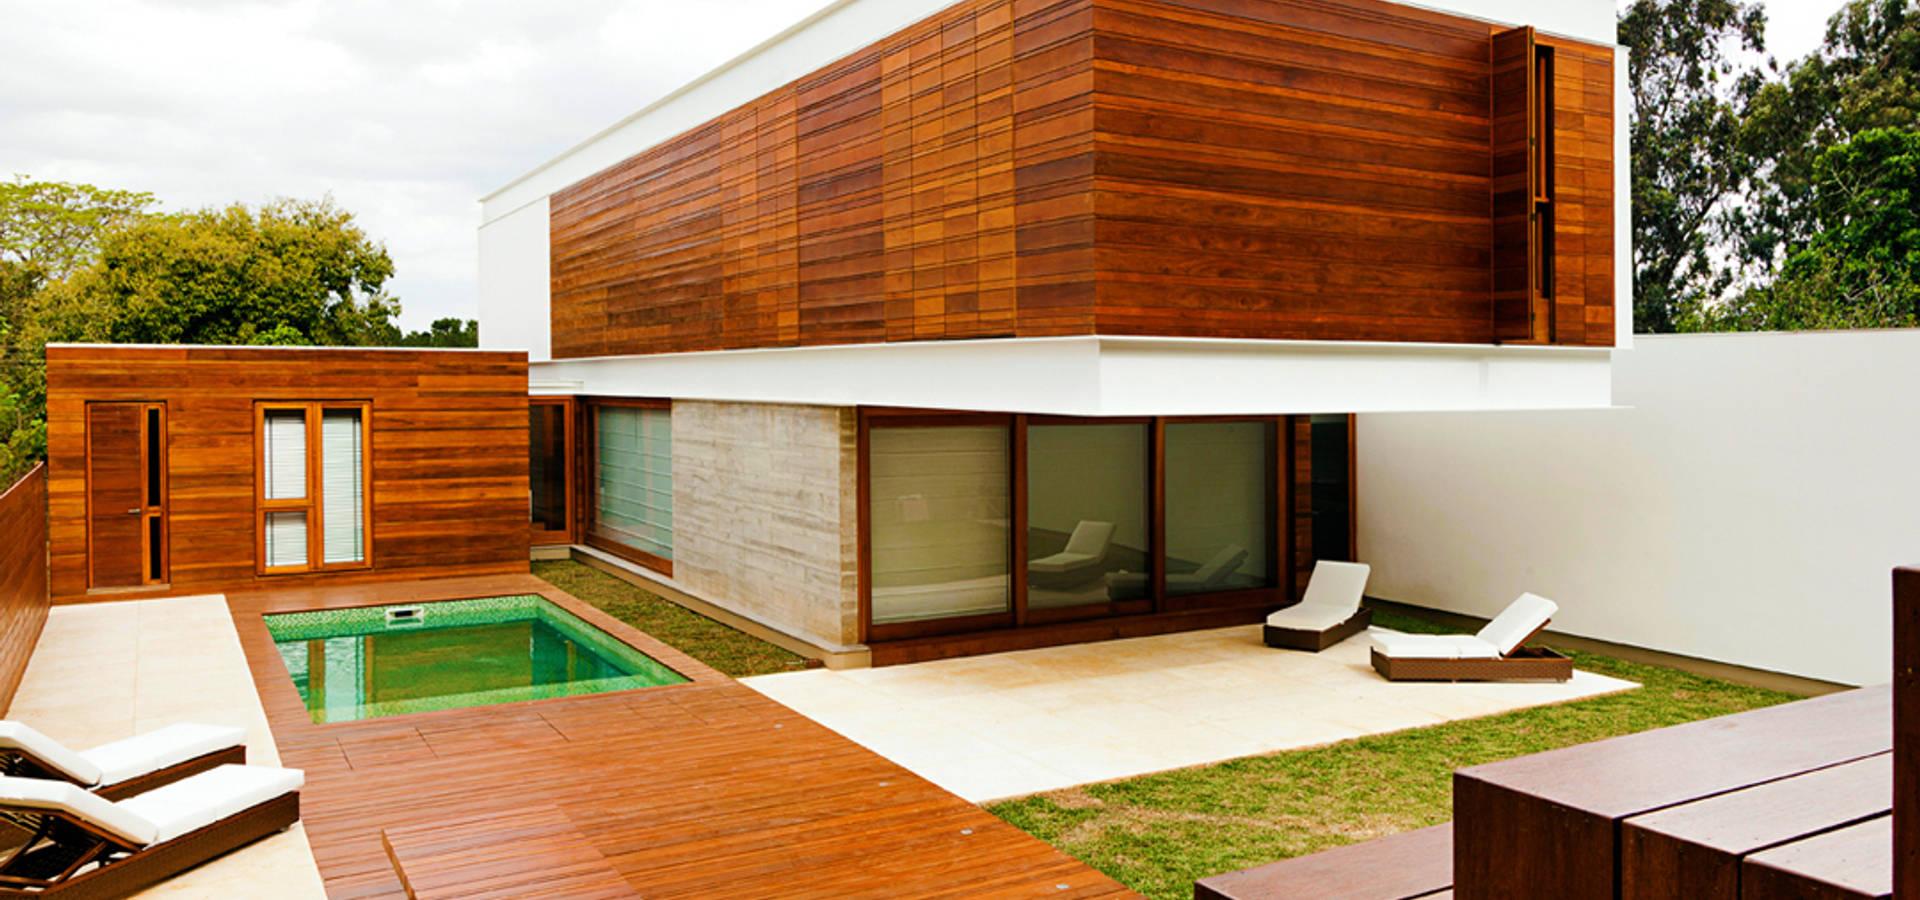 4D Arquitetura